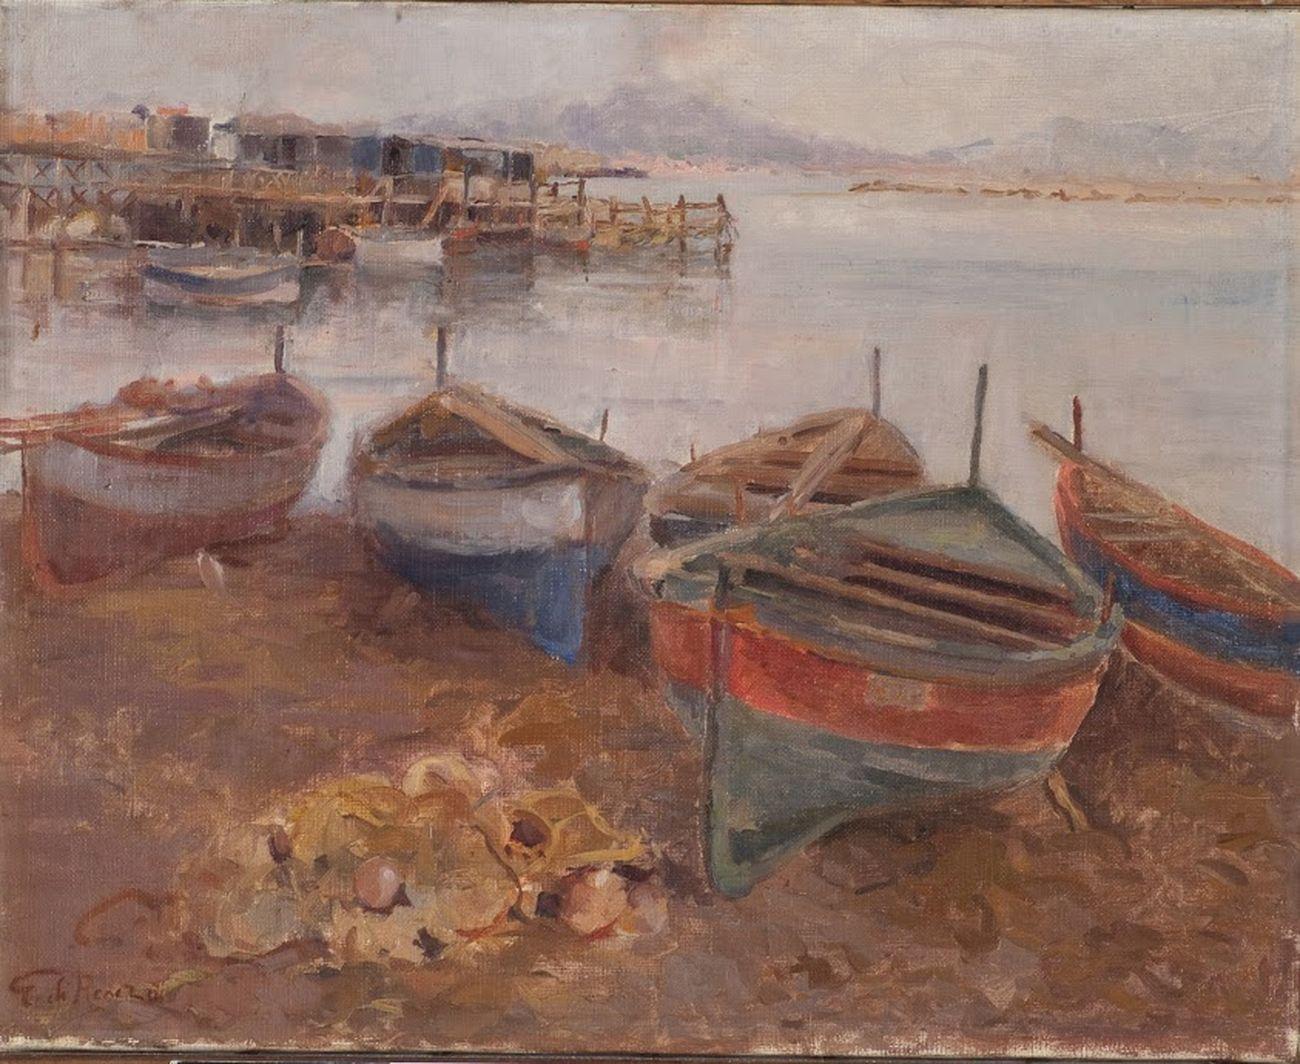 Guido Di Renzo, Barche al porto con Vesuvio